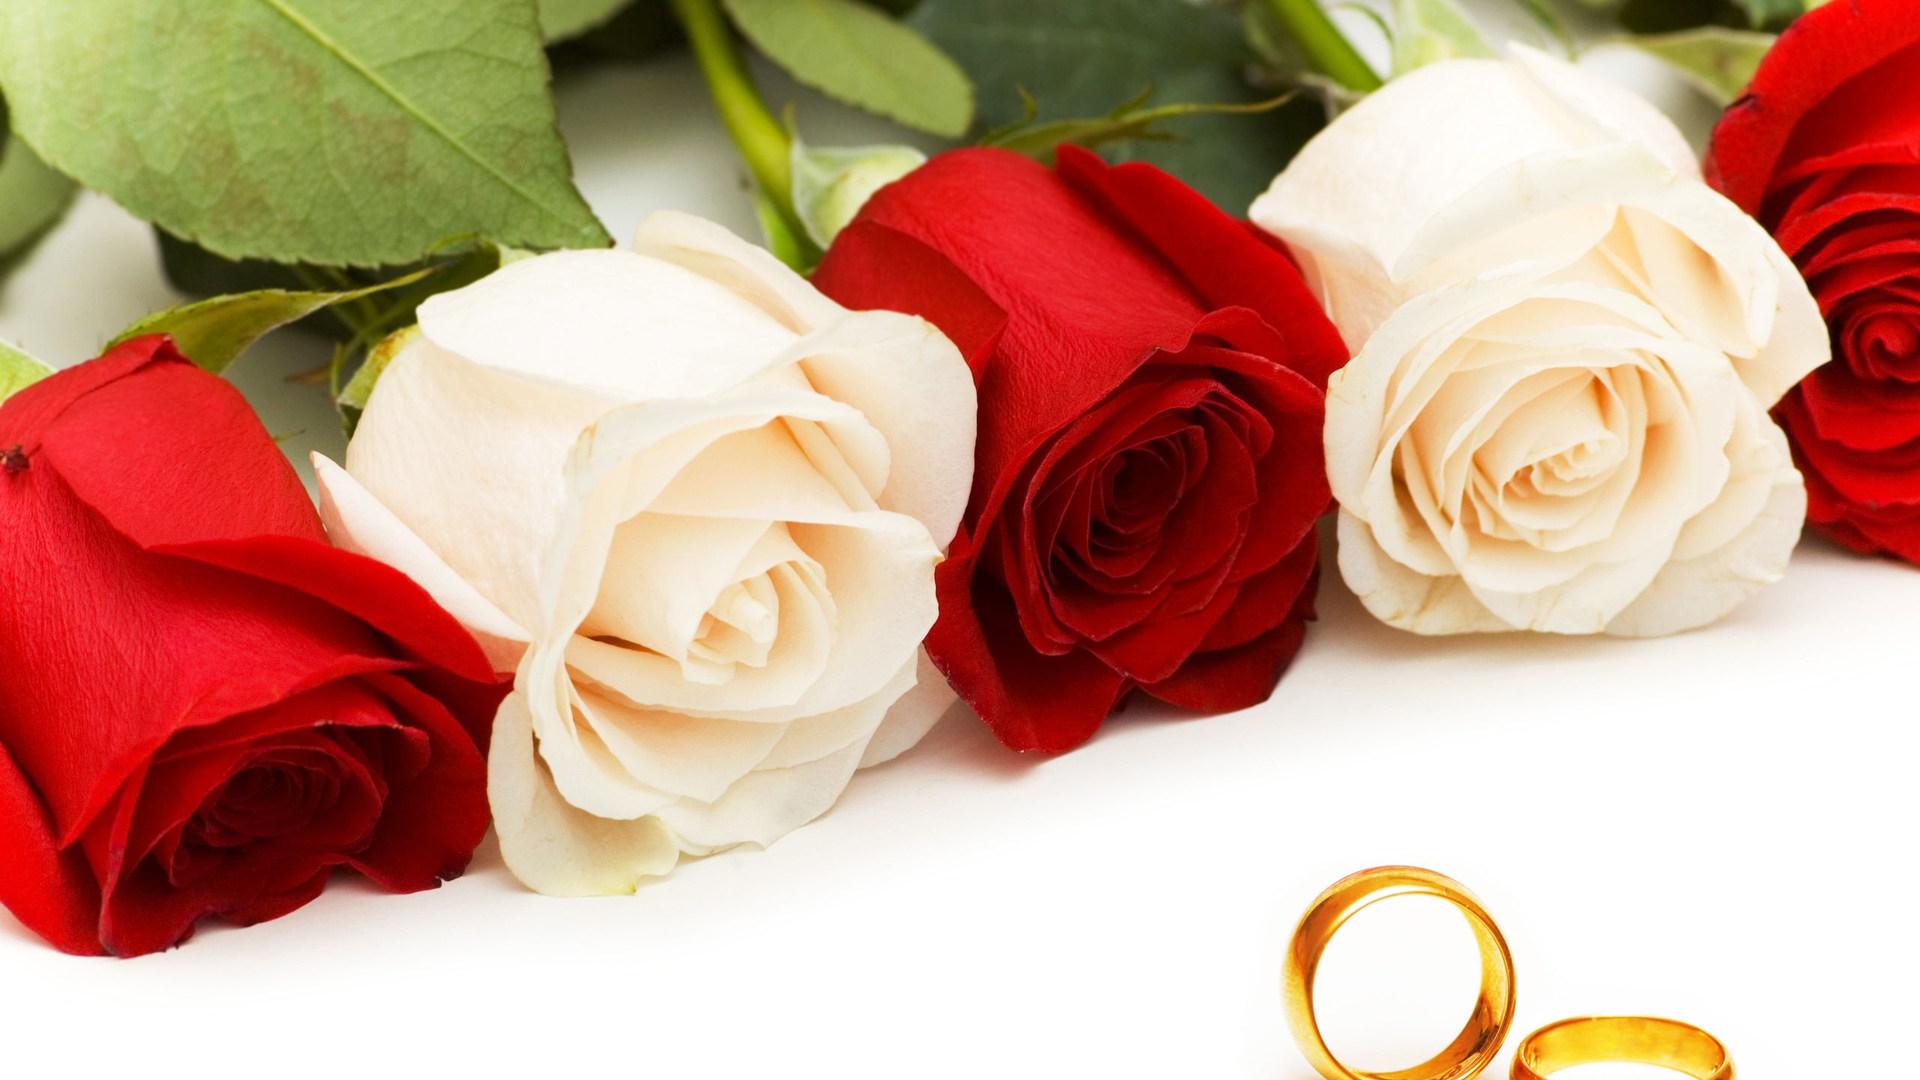 Красивые картинки роз на весь экран на рабочий стол - подборка 14